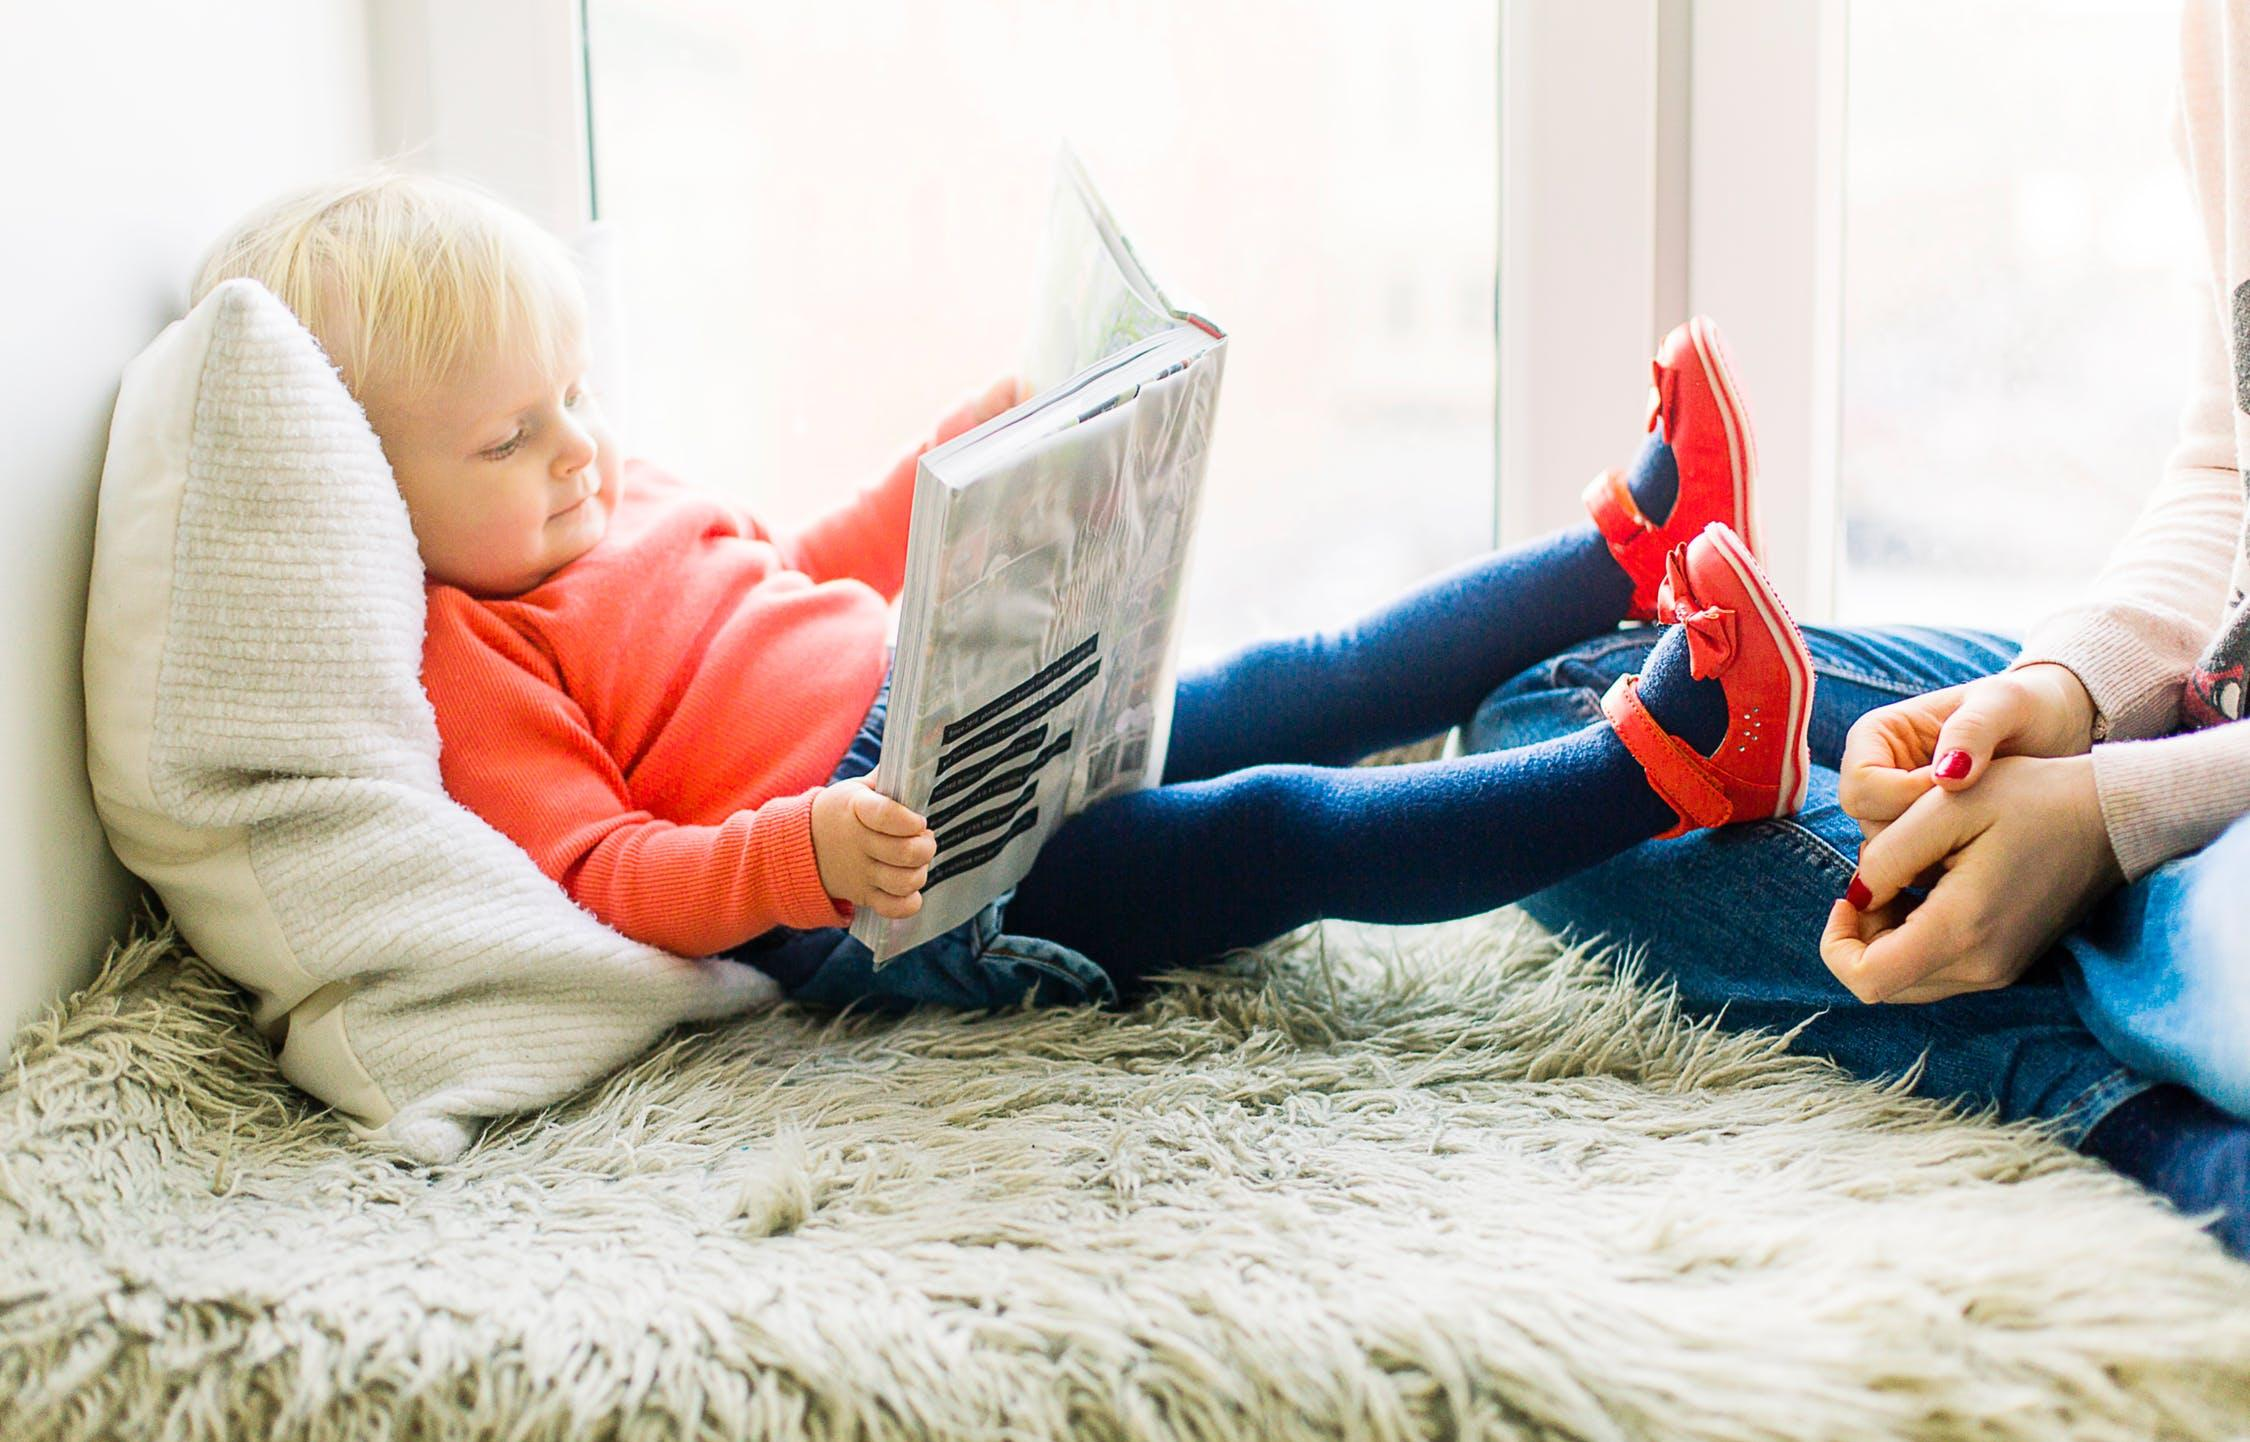 Эксперт рассказал про детские пособия, о которых почти никто не знает  - новости Афанасий